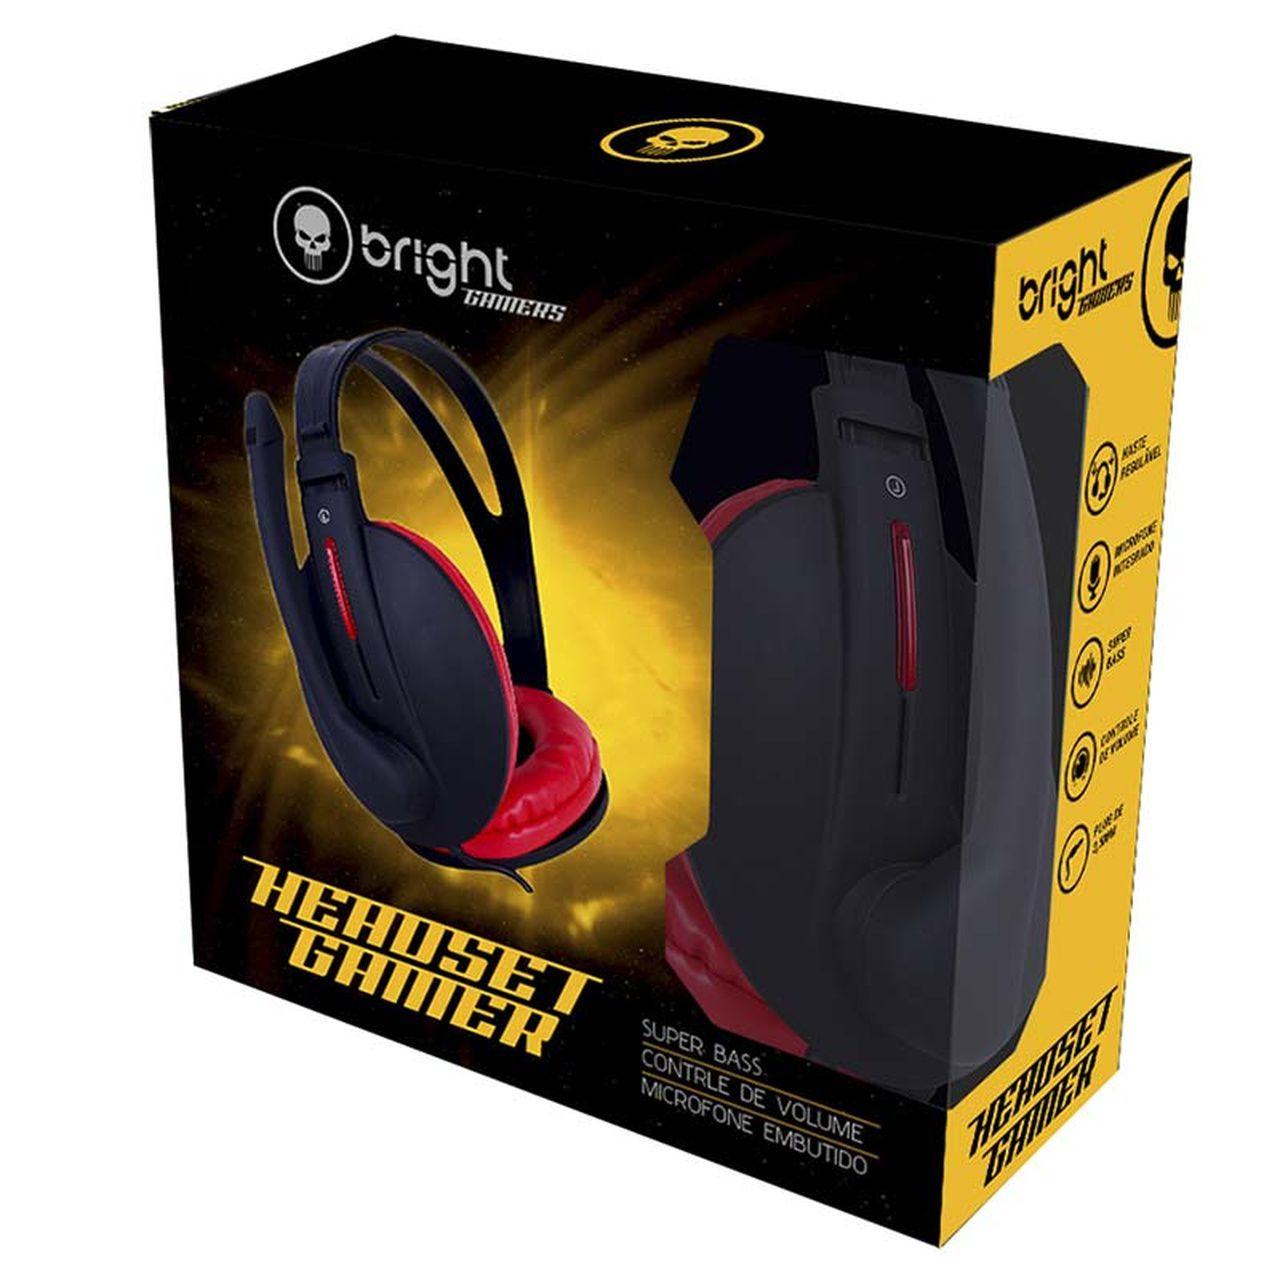 Fone de Ouvido Headset Gamer Super Bass, haste regulável vermelho e preto 206 - Bright